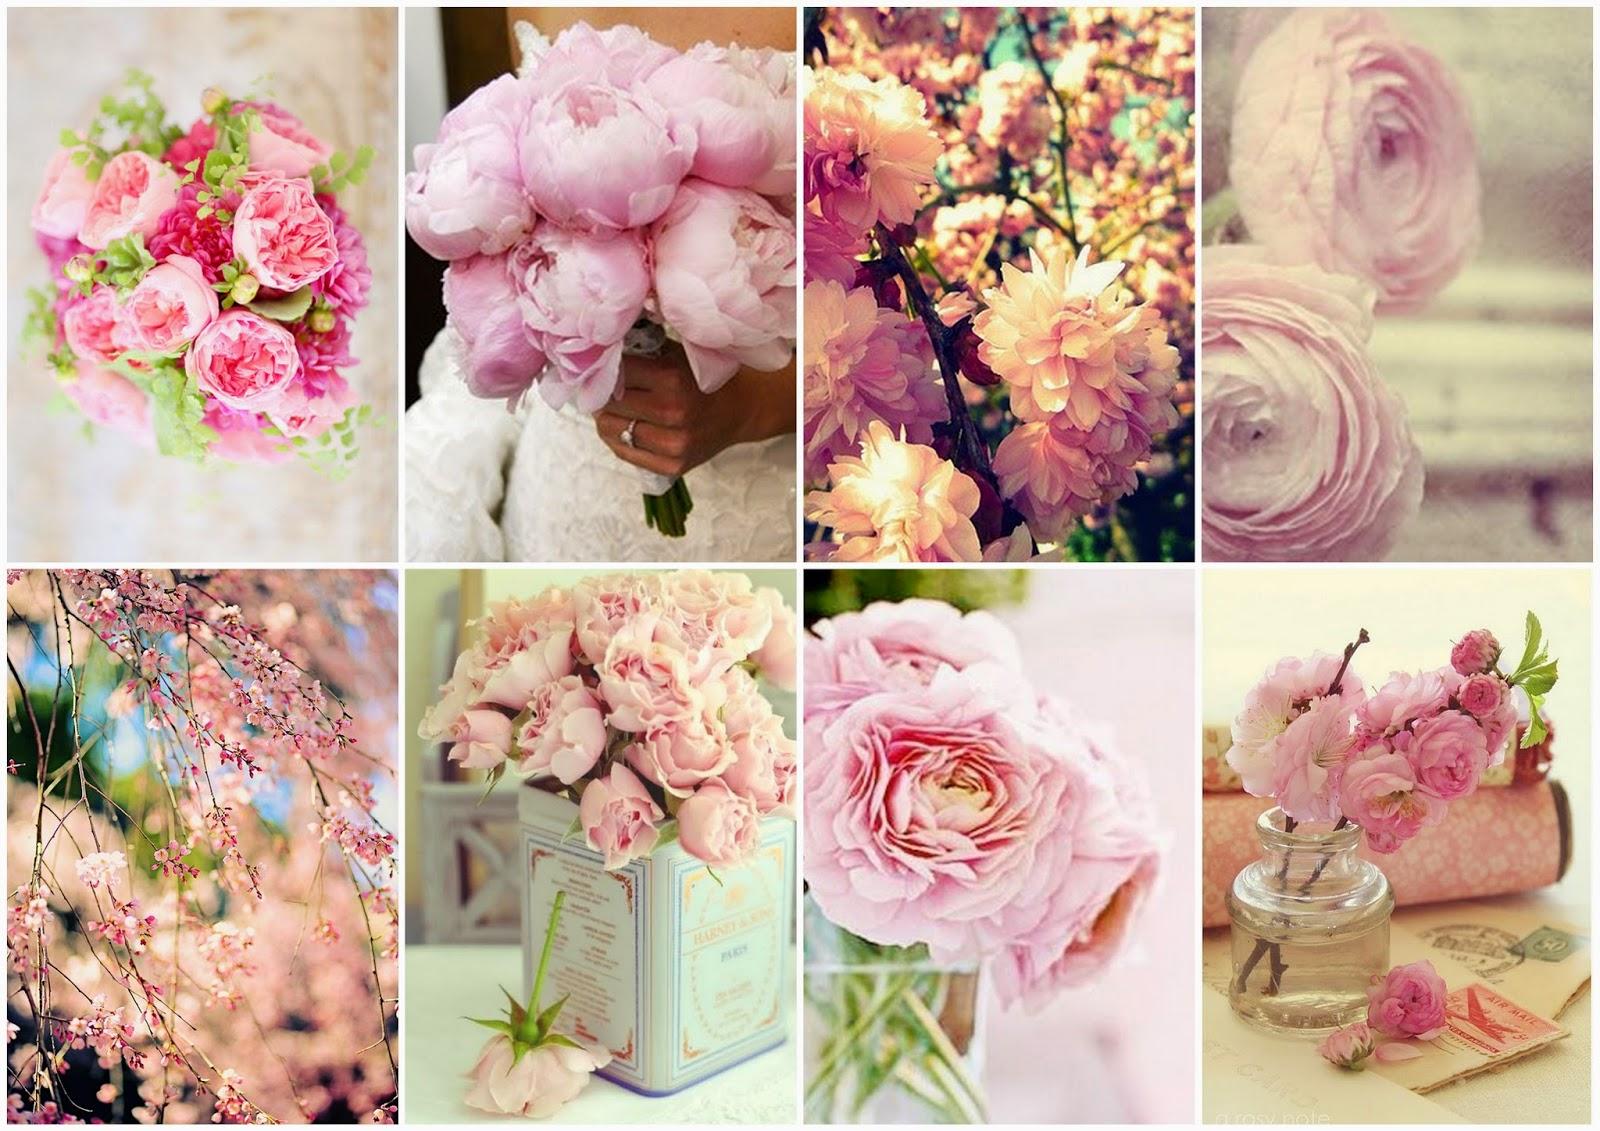 Matrimonio Tema Primavera : Temas de la boda para primavera — cuadros